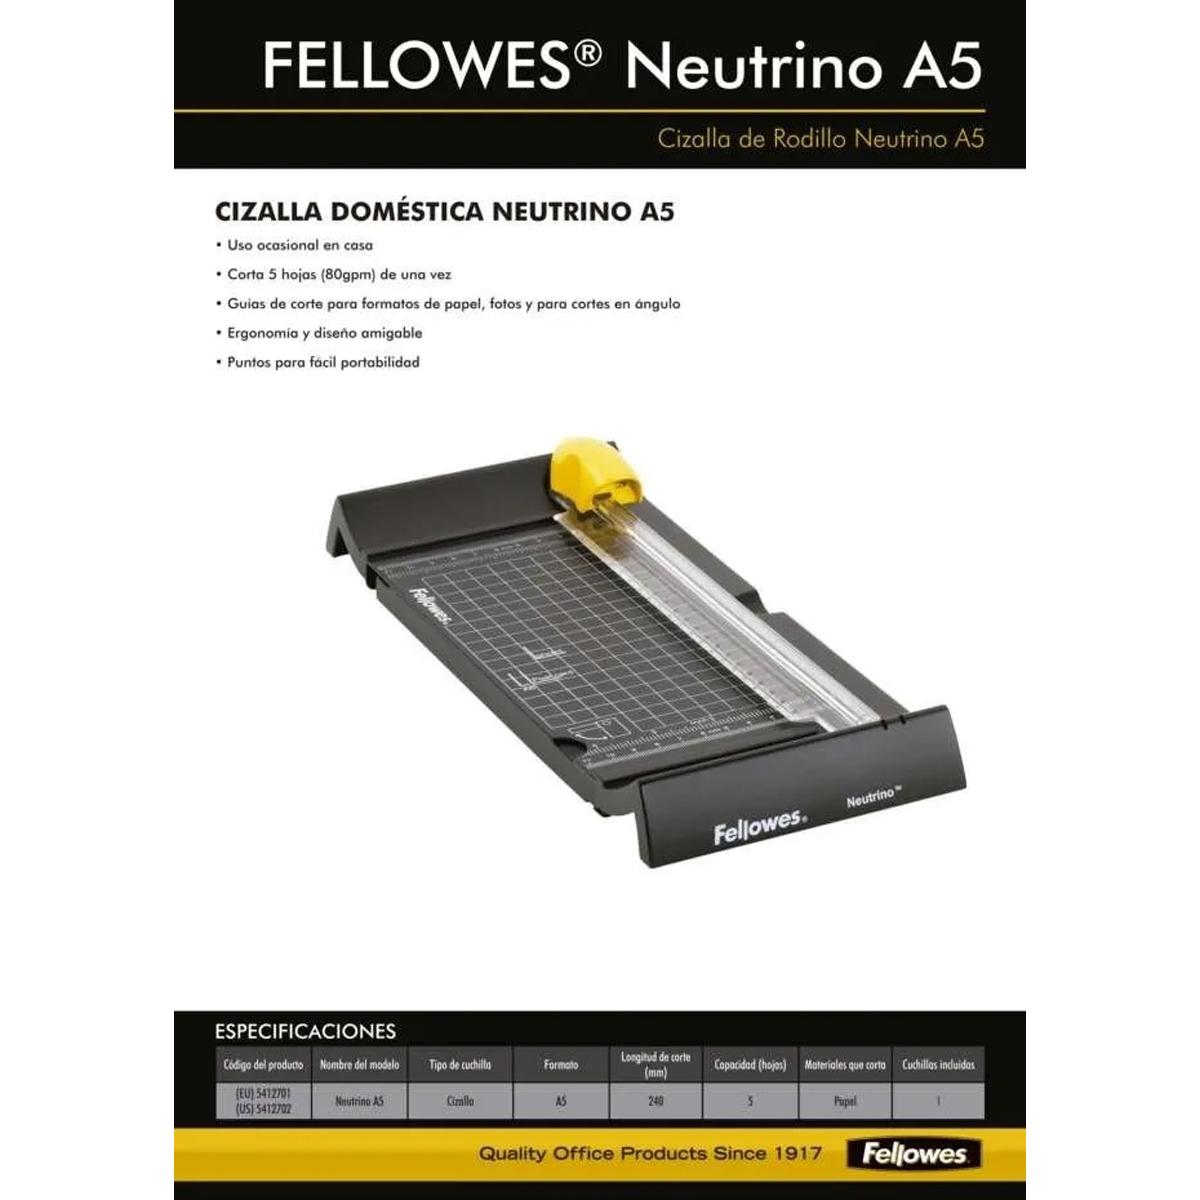 54127 FELLOWES                                                     | GUILLOTINA FELLOWES CIZALLA NEUTRINO A5